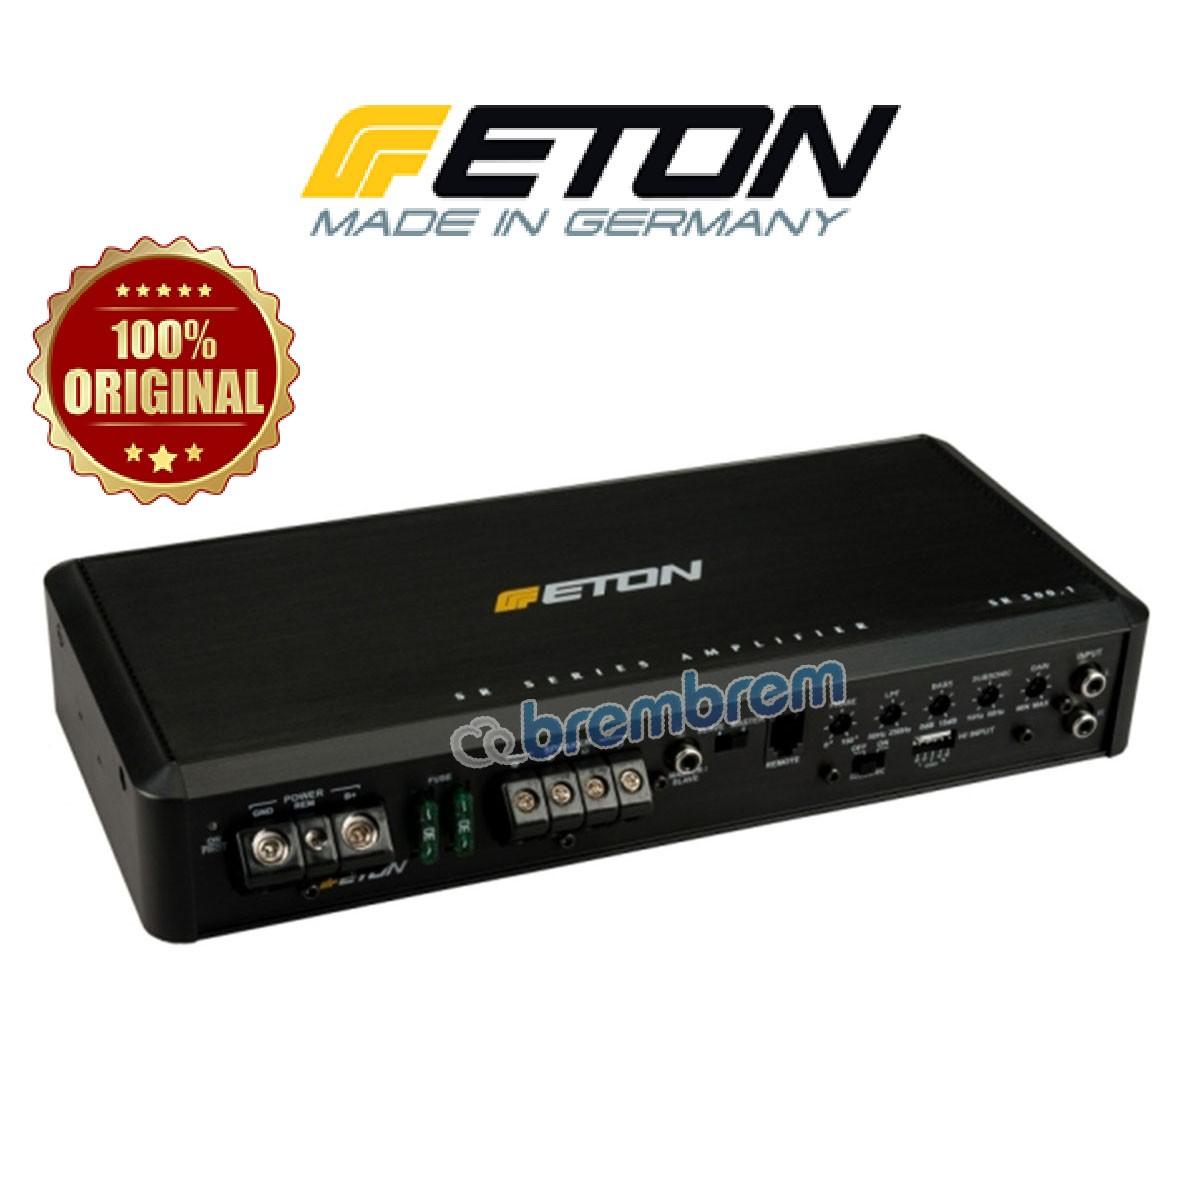 ETON SR 500.1 - POWER MONOBLOCK